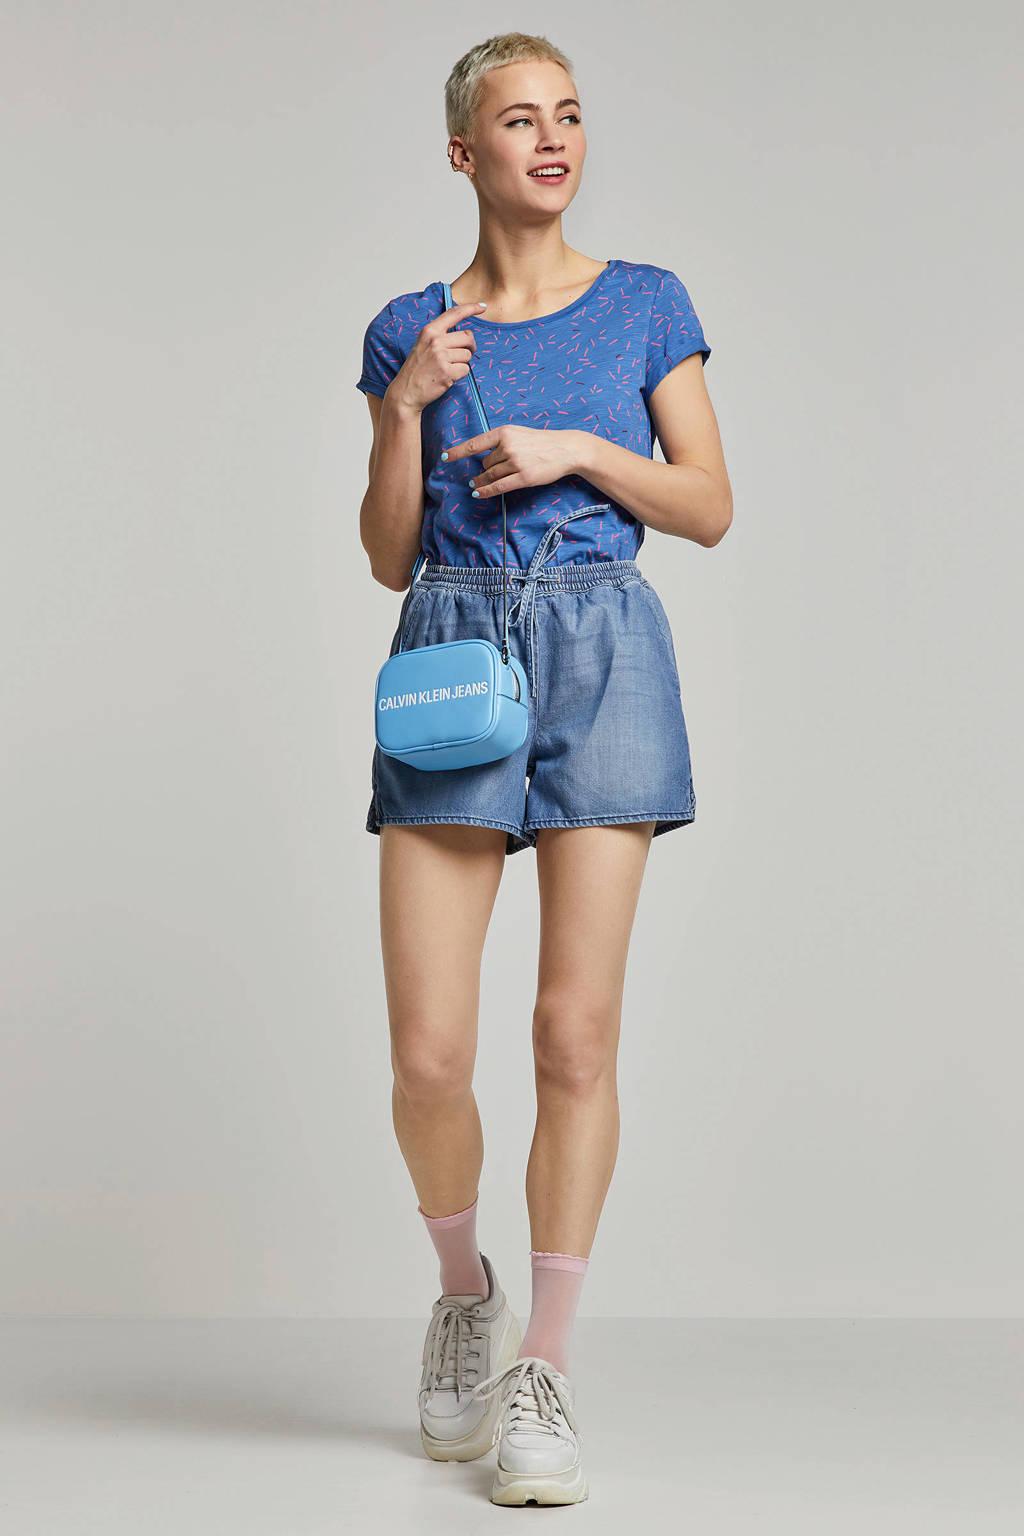 edc Women t-shirt met all over print, Blauw/roze